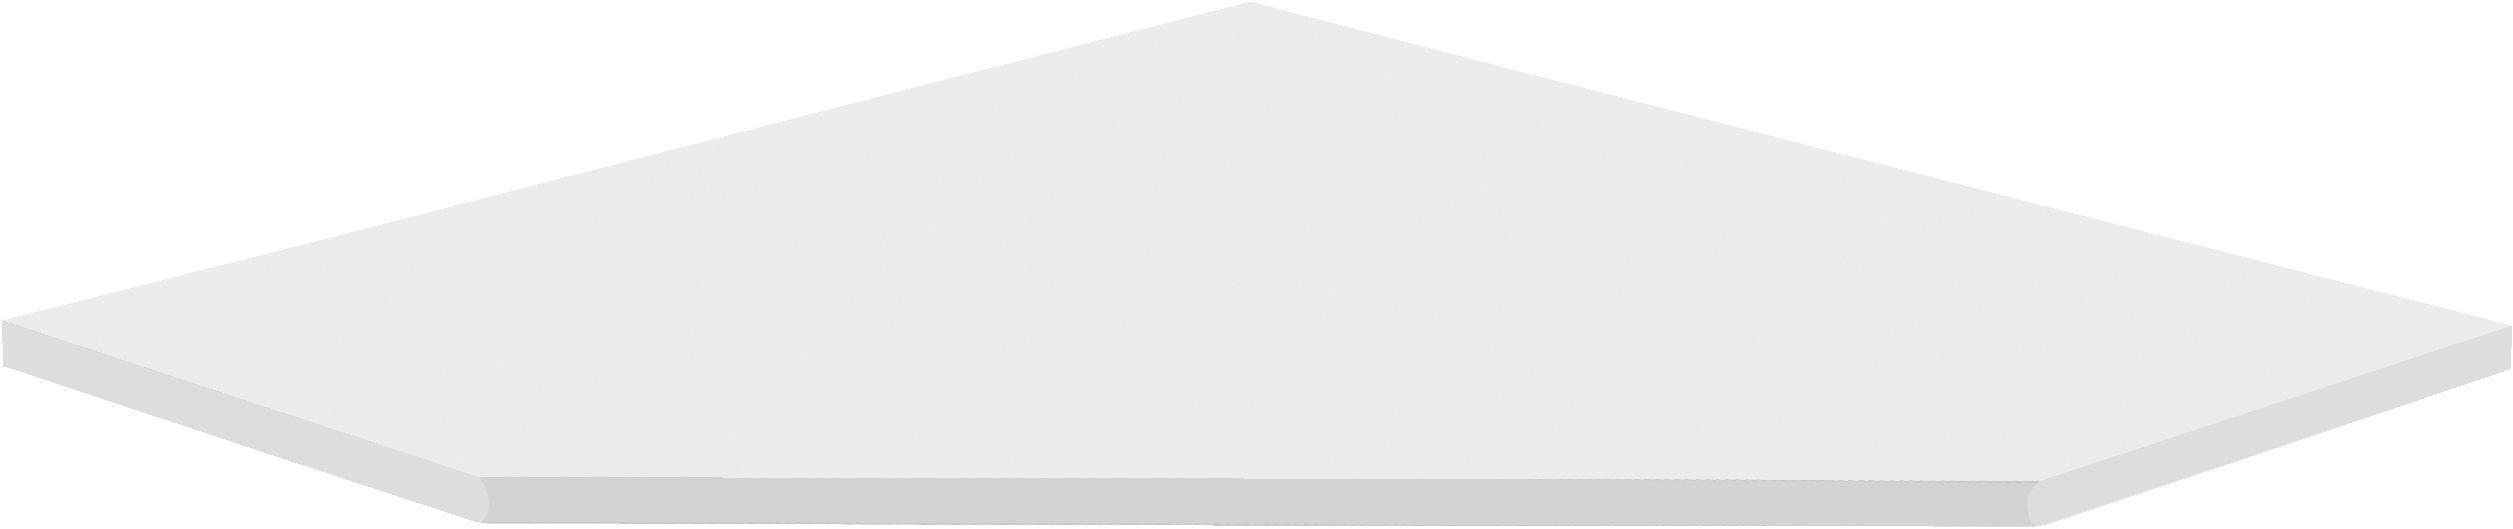 ECKVERBINDUNGSPLATTE - Weiß, KONVENTIONELL, Holzwerkstoff (120/2/85cm) - CS SCHMAL